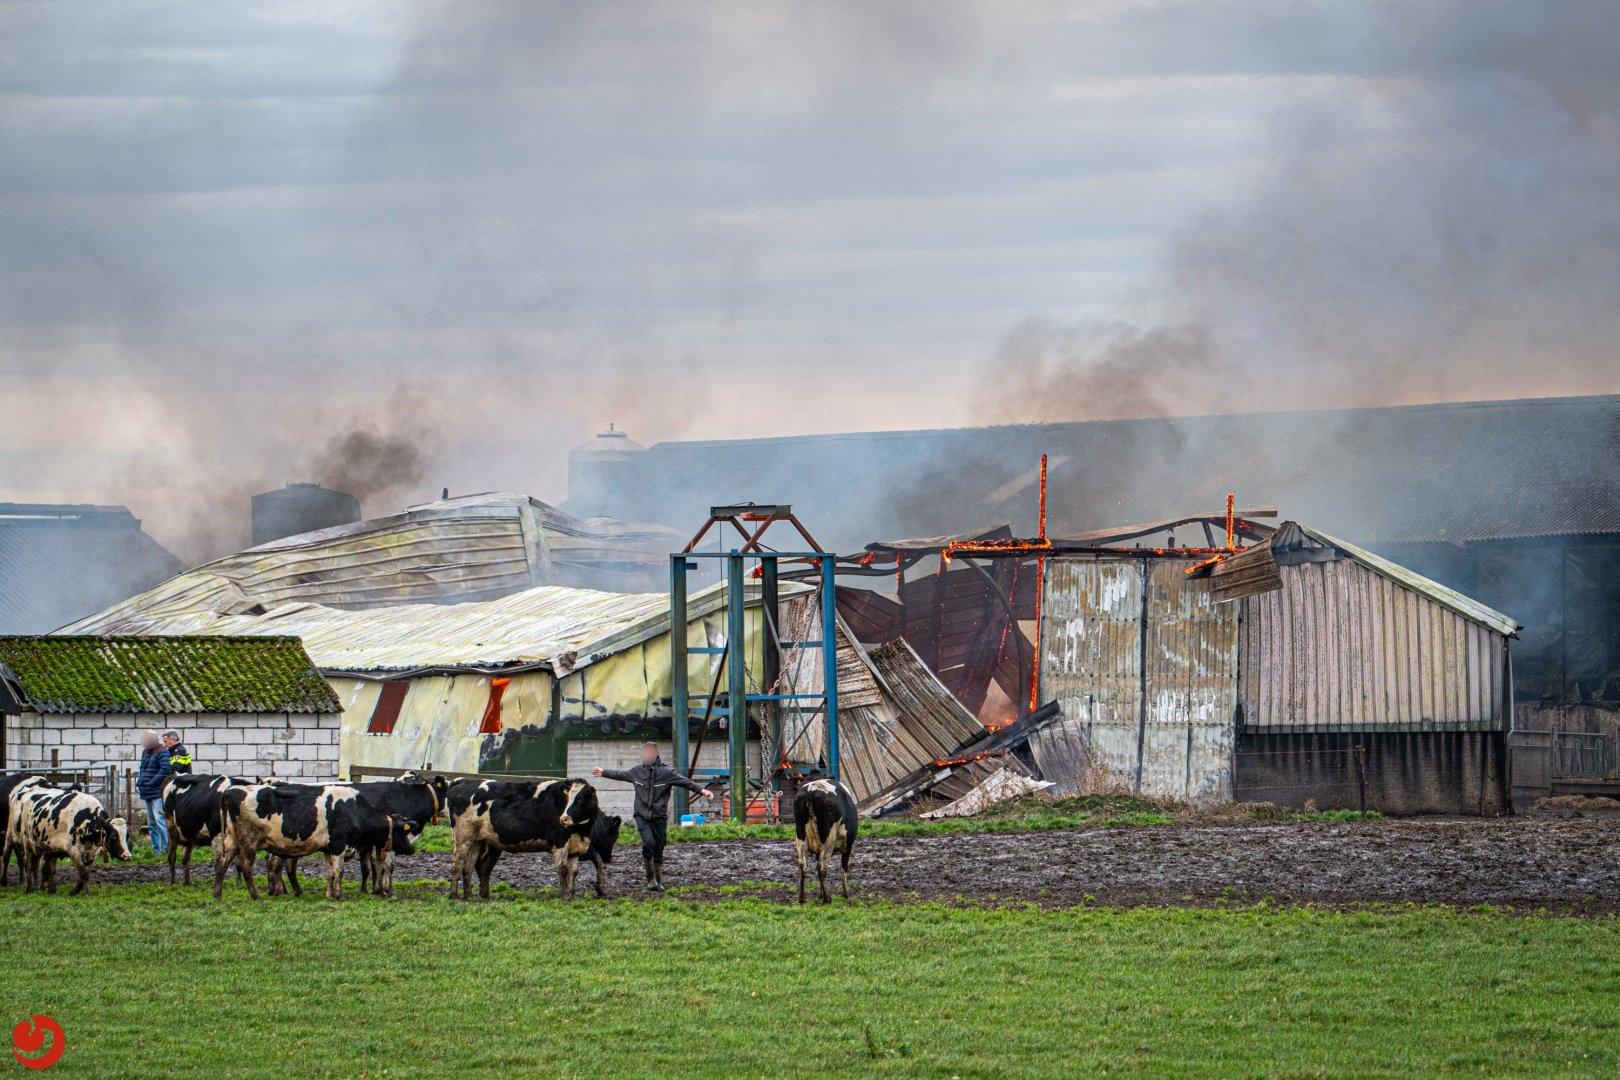 Uitslaande brand legt koeienstal in de as